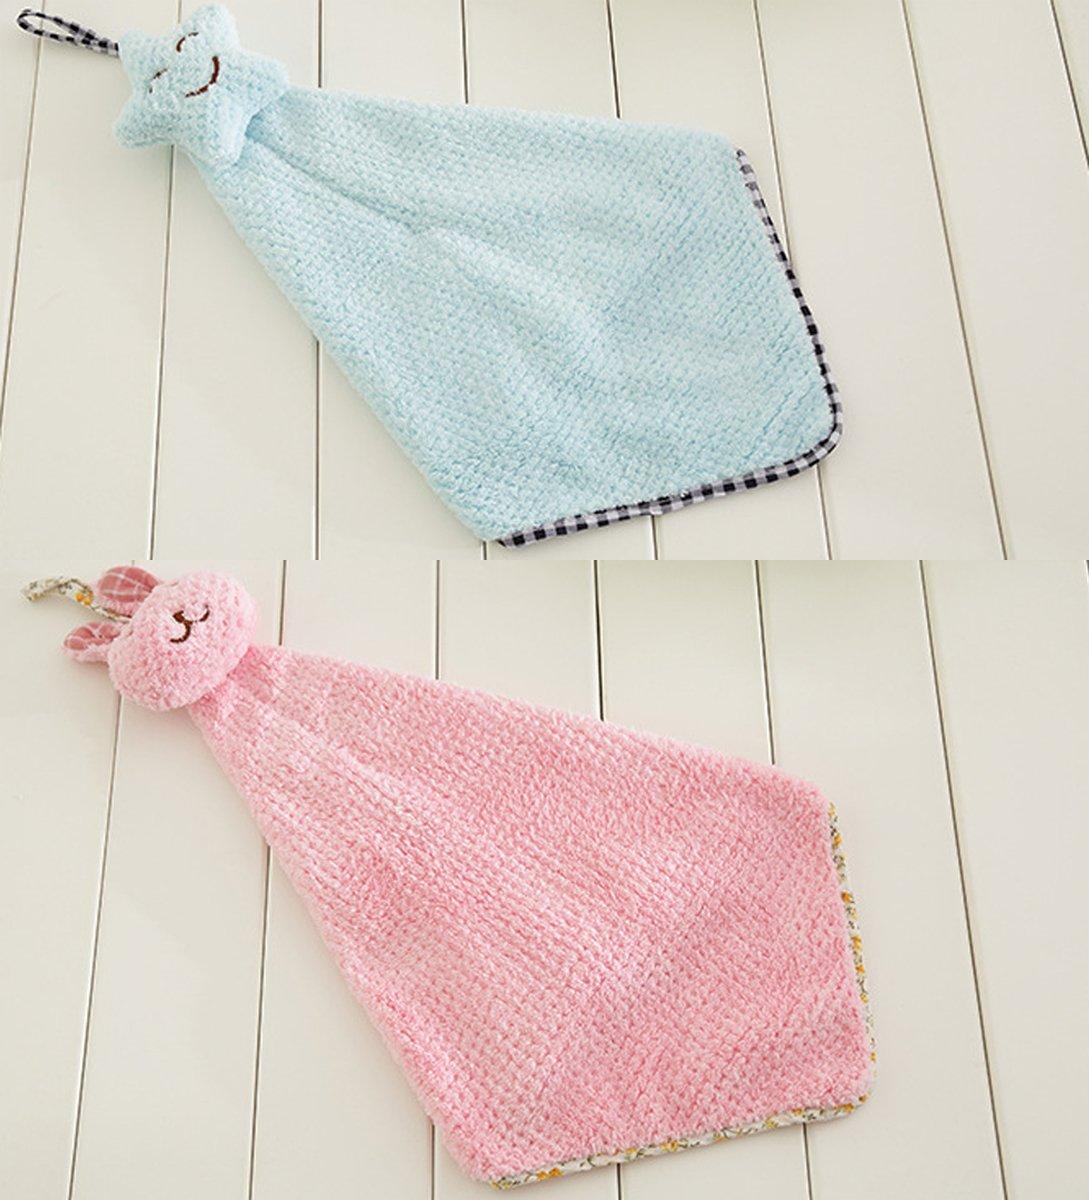 ukey toallas de mano, toalla de microfibra Super absorbente/Toalla de secado rápido para colgar (toallitas, de algodón, trapos para cocina y baño, ...